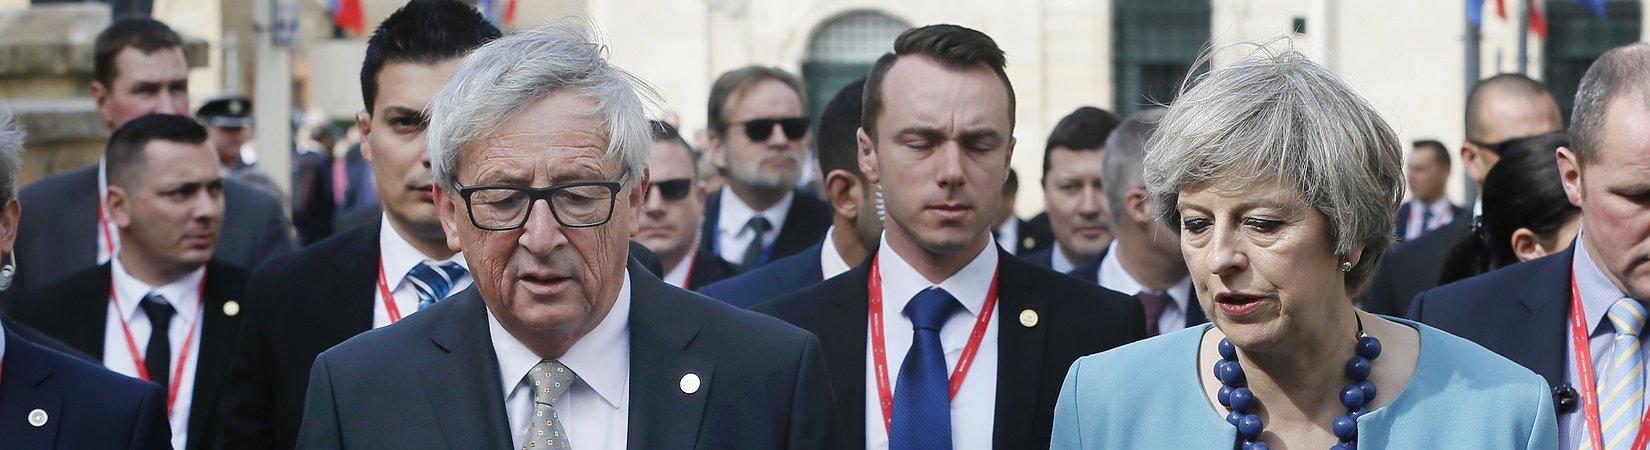 Jean-Claude Juncker, presidente da Comissão Europeia, lançou dúvidas sobre a União Europeia